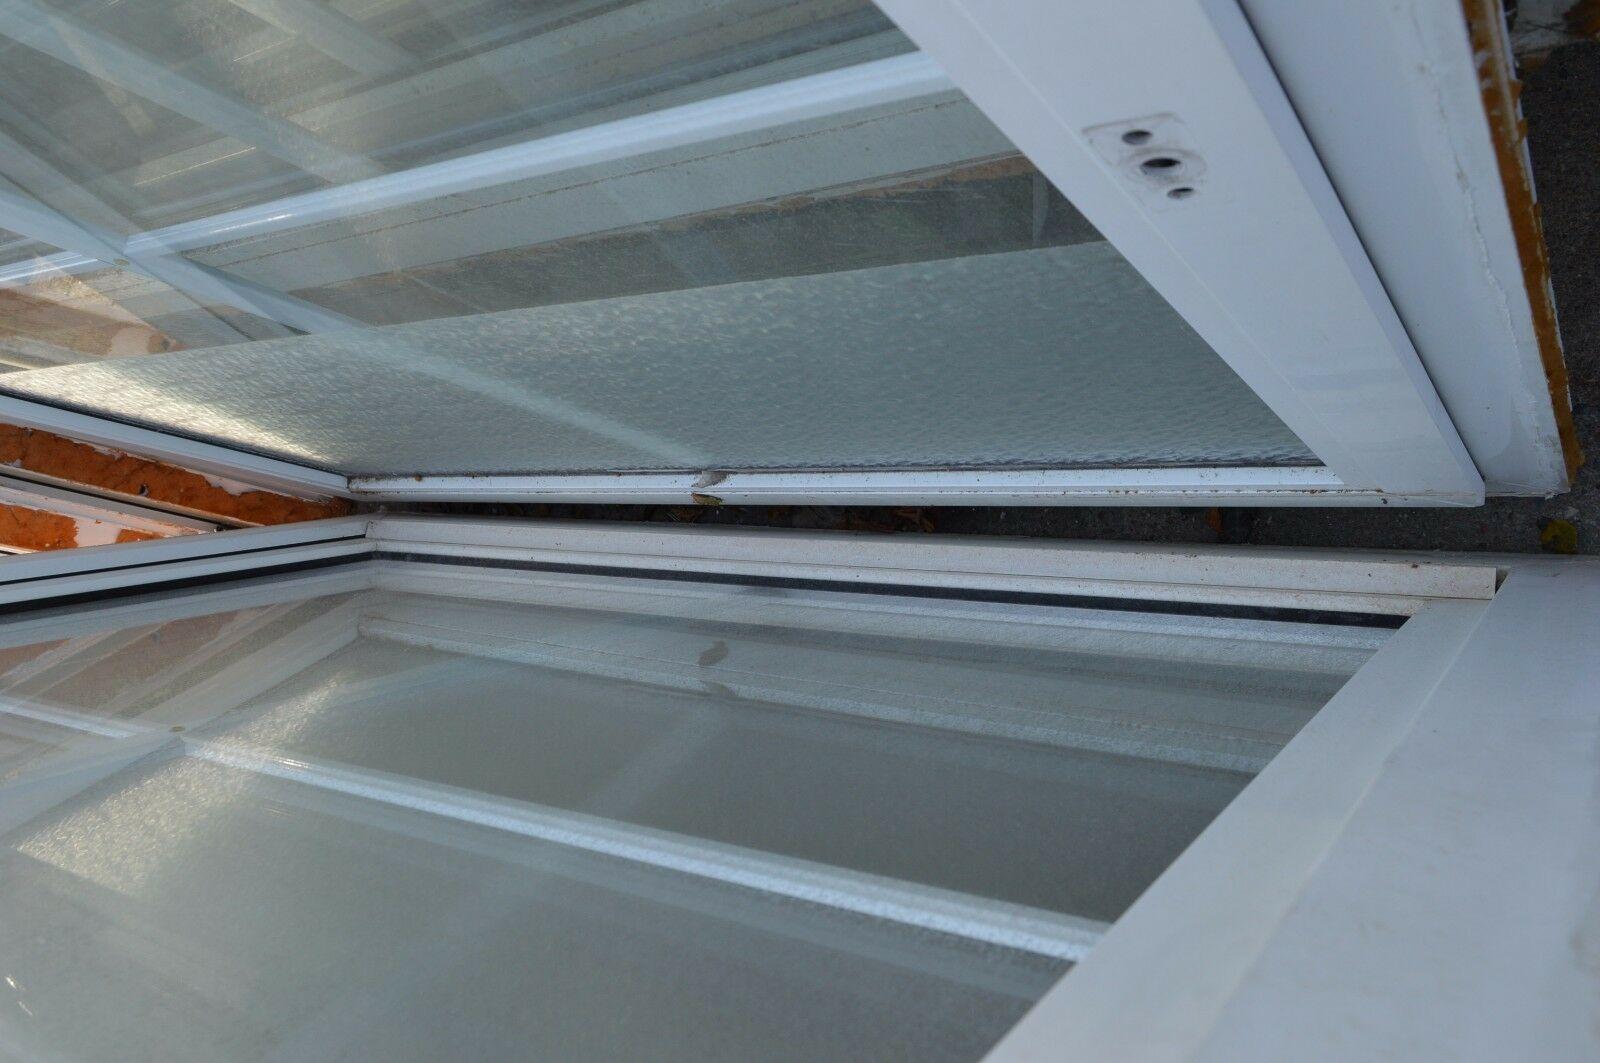 Full Size of Gebrauchte Holzfenster Mit Sprossen Fenster Einflgler Reihe 7 16 Gebraucht Kunststoff Betten Bettkasten Küche Geräten Badewanne Tür Und Dusche L Sofa Wohnzimmer Gebrauchte Holzfenster Mit Sprossen